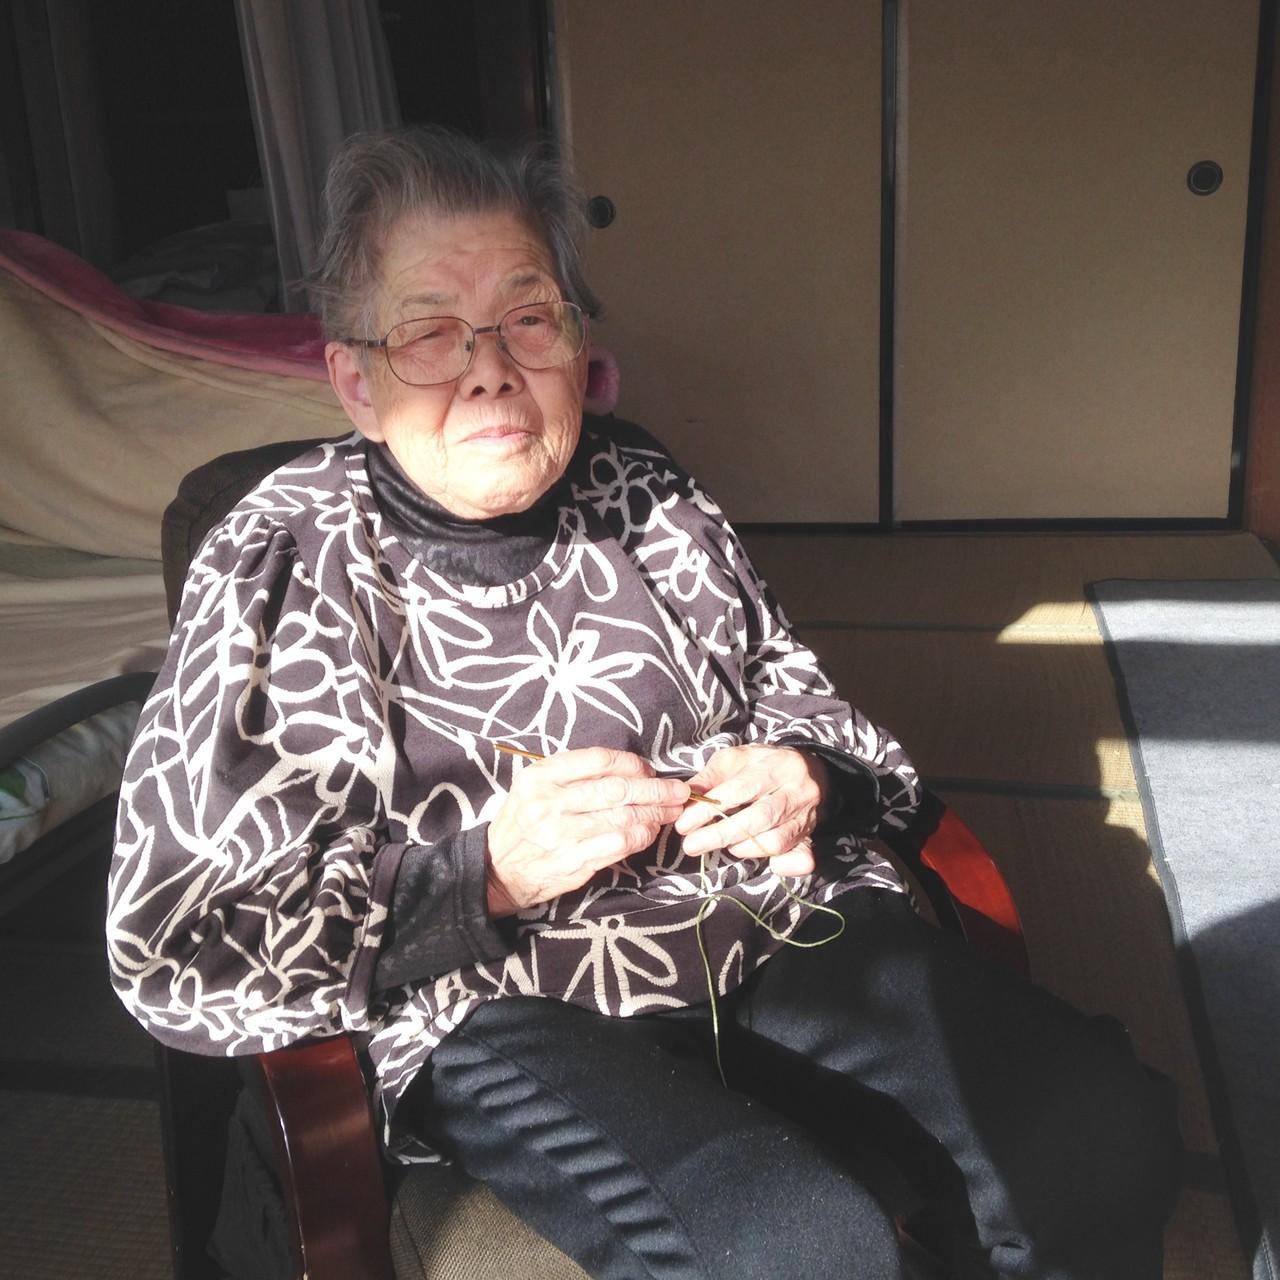 個人活動の時間に老眼鏡をかけ、編み物を行っております